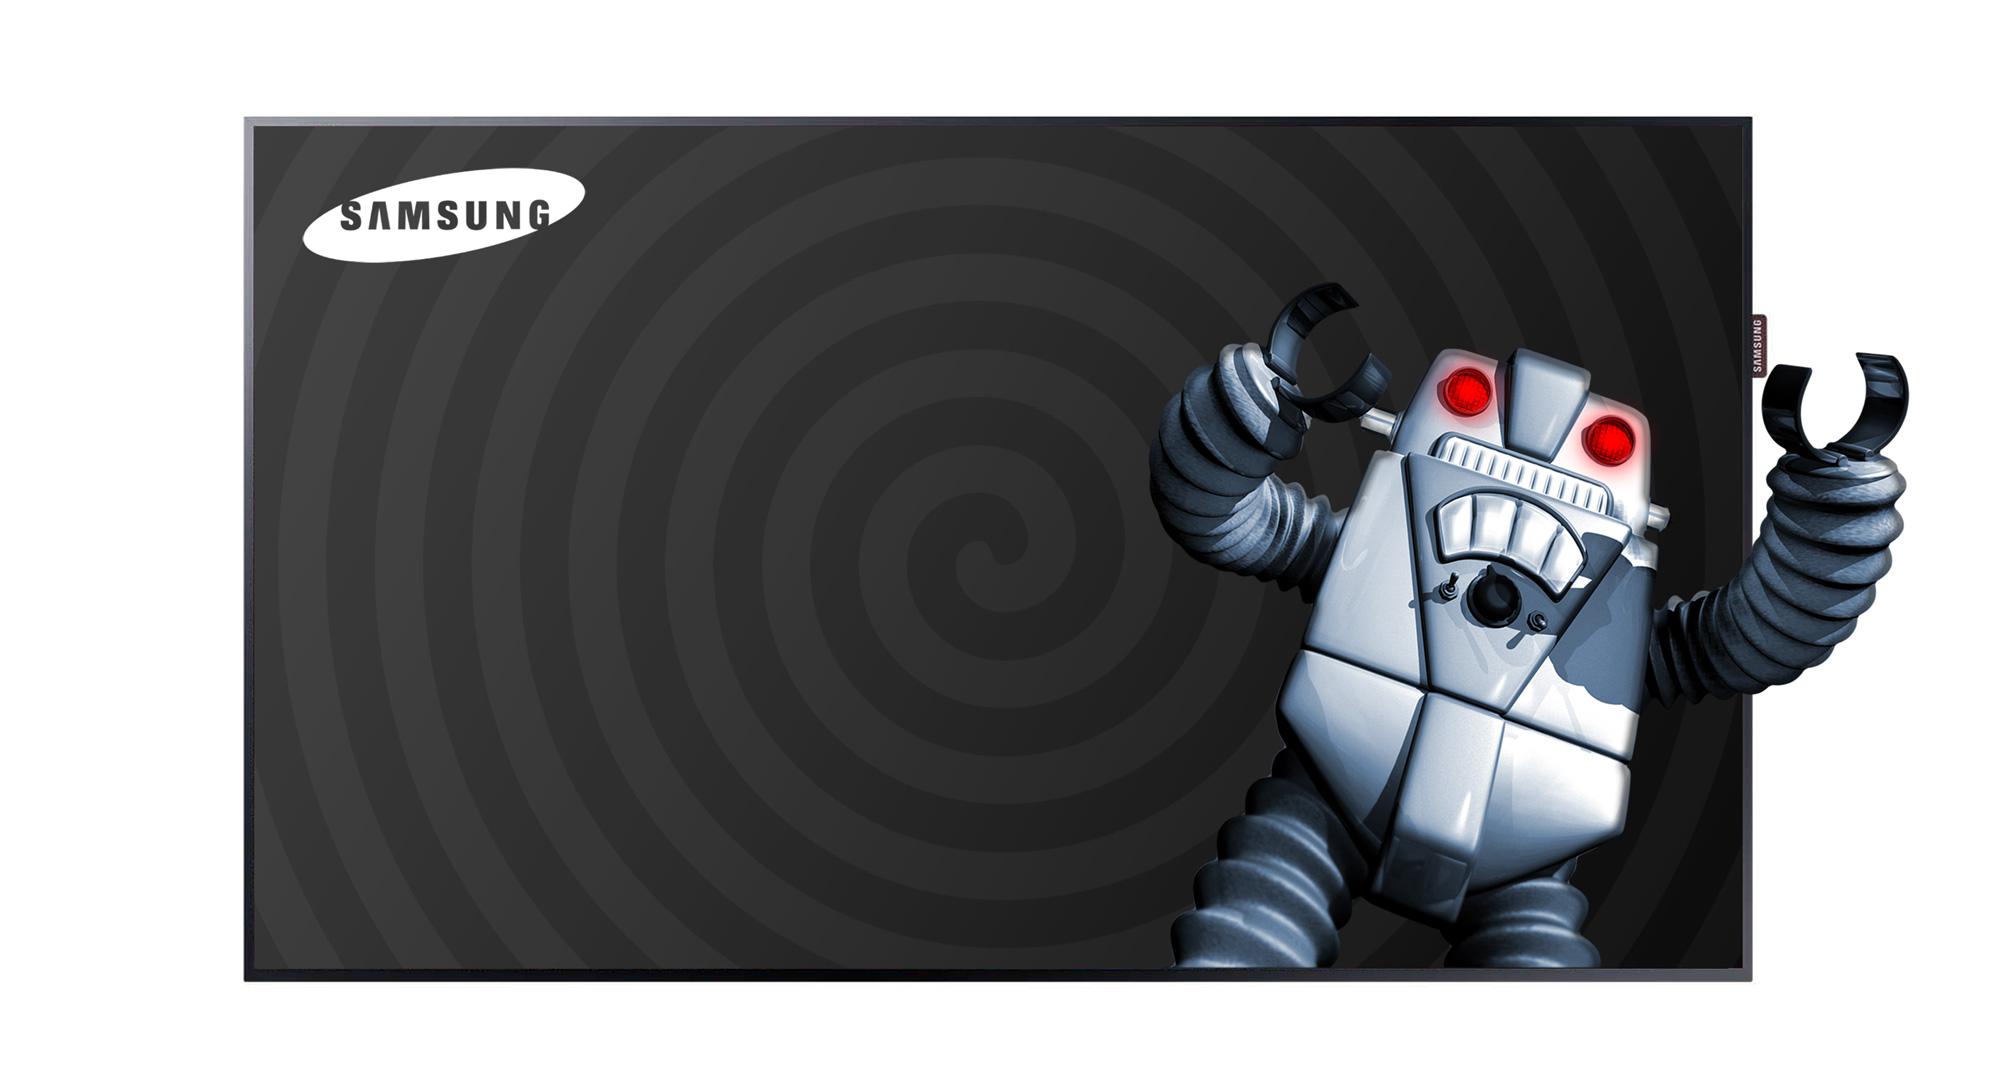 Samsung-PM49F-front-w-robot.jpg